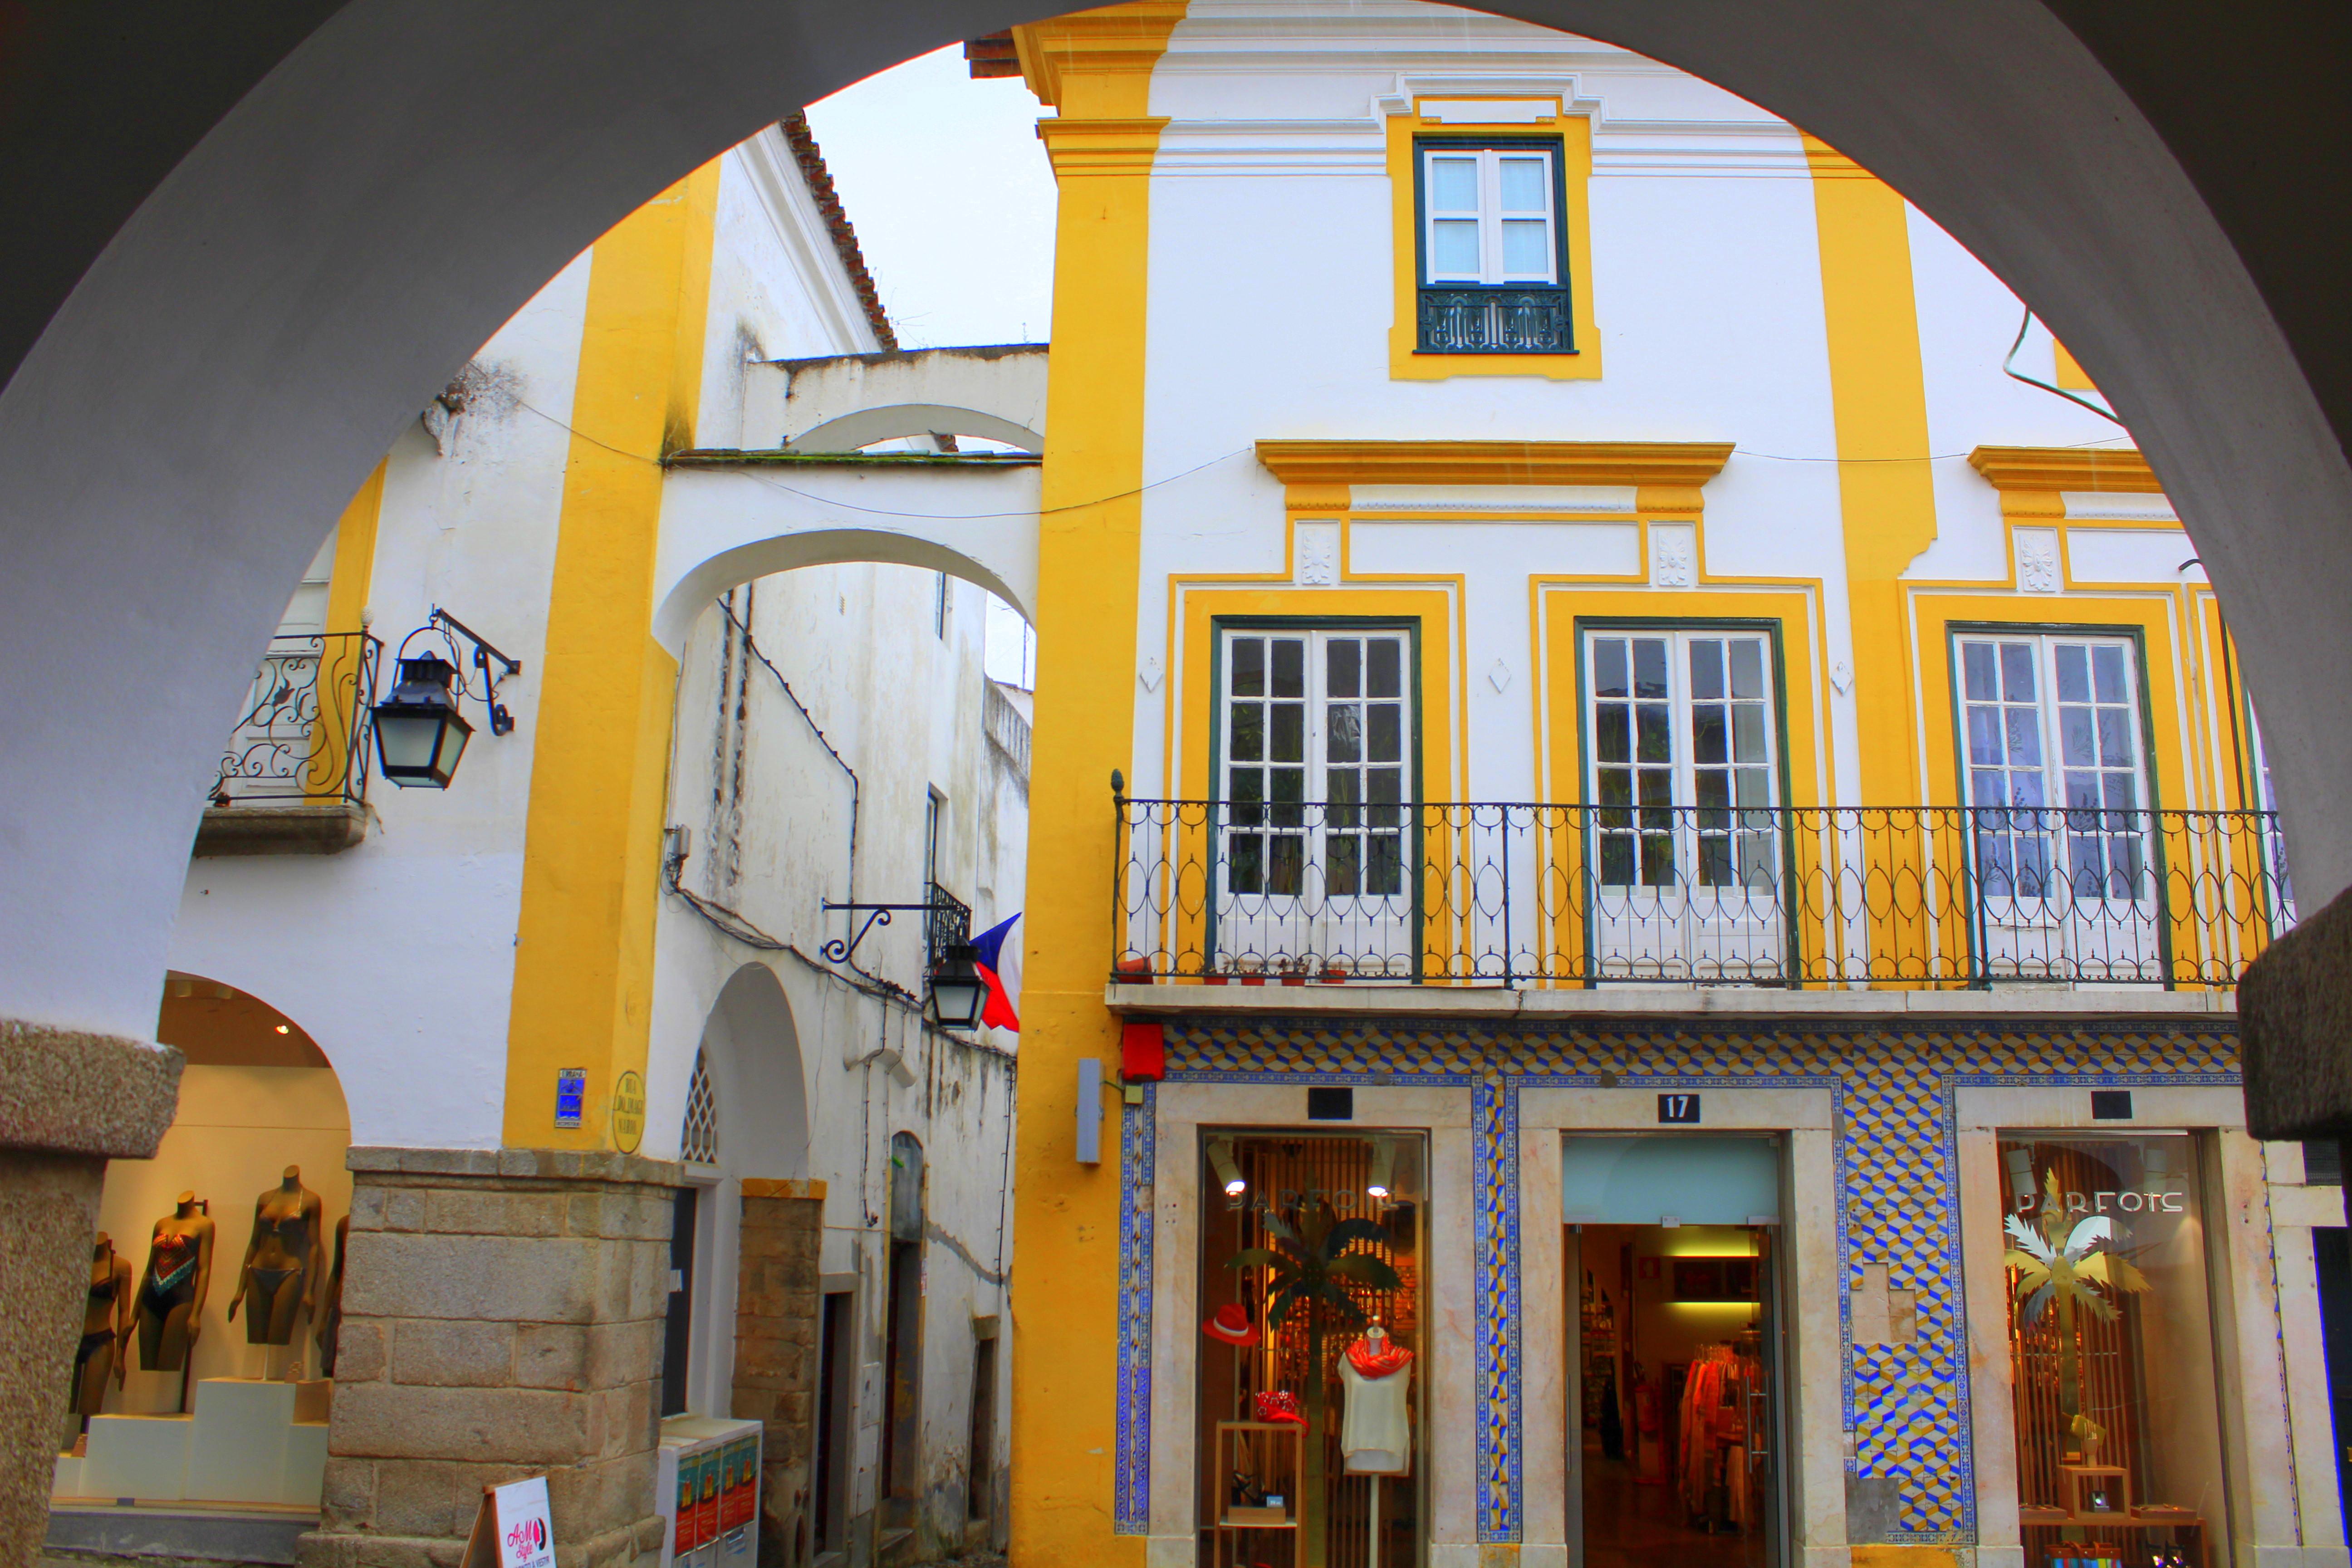 Evora Altstadt Haus Fassade bunt Portugal UNESCO exploreglobal